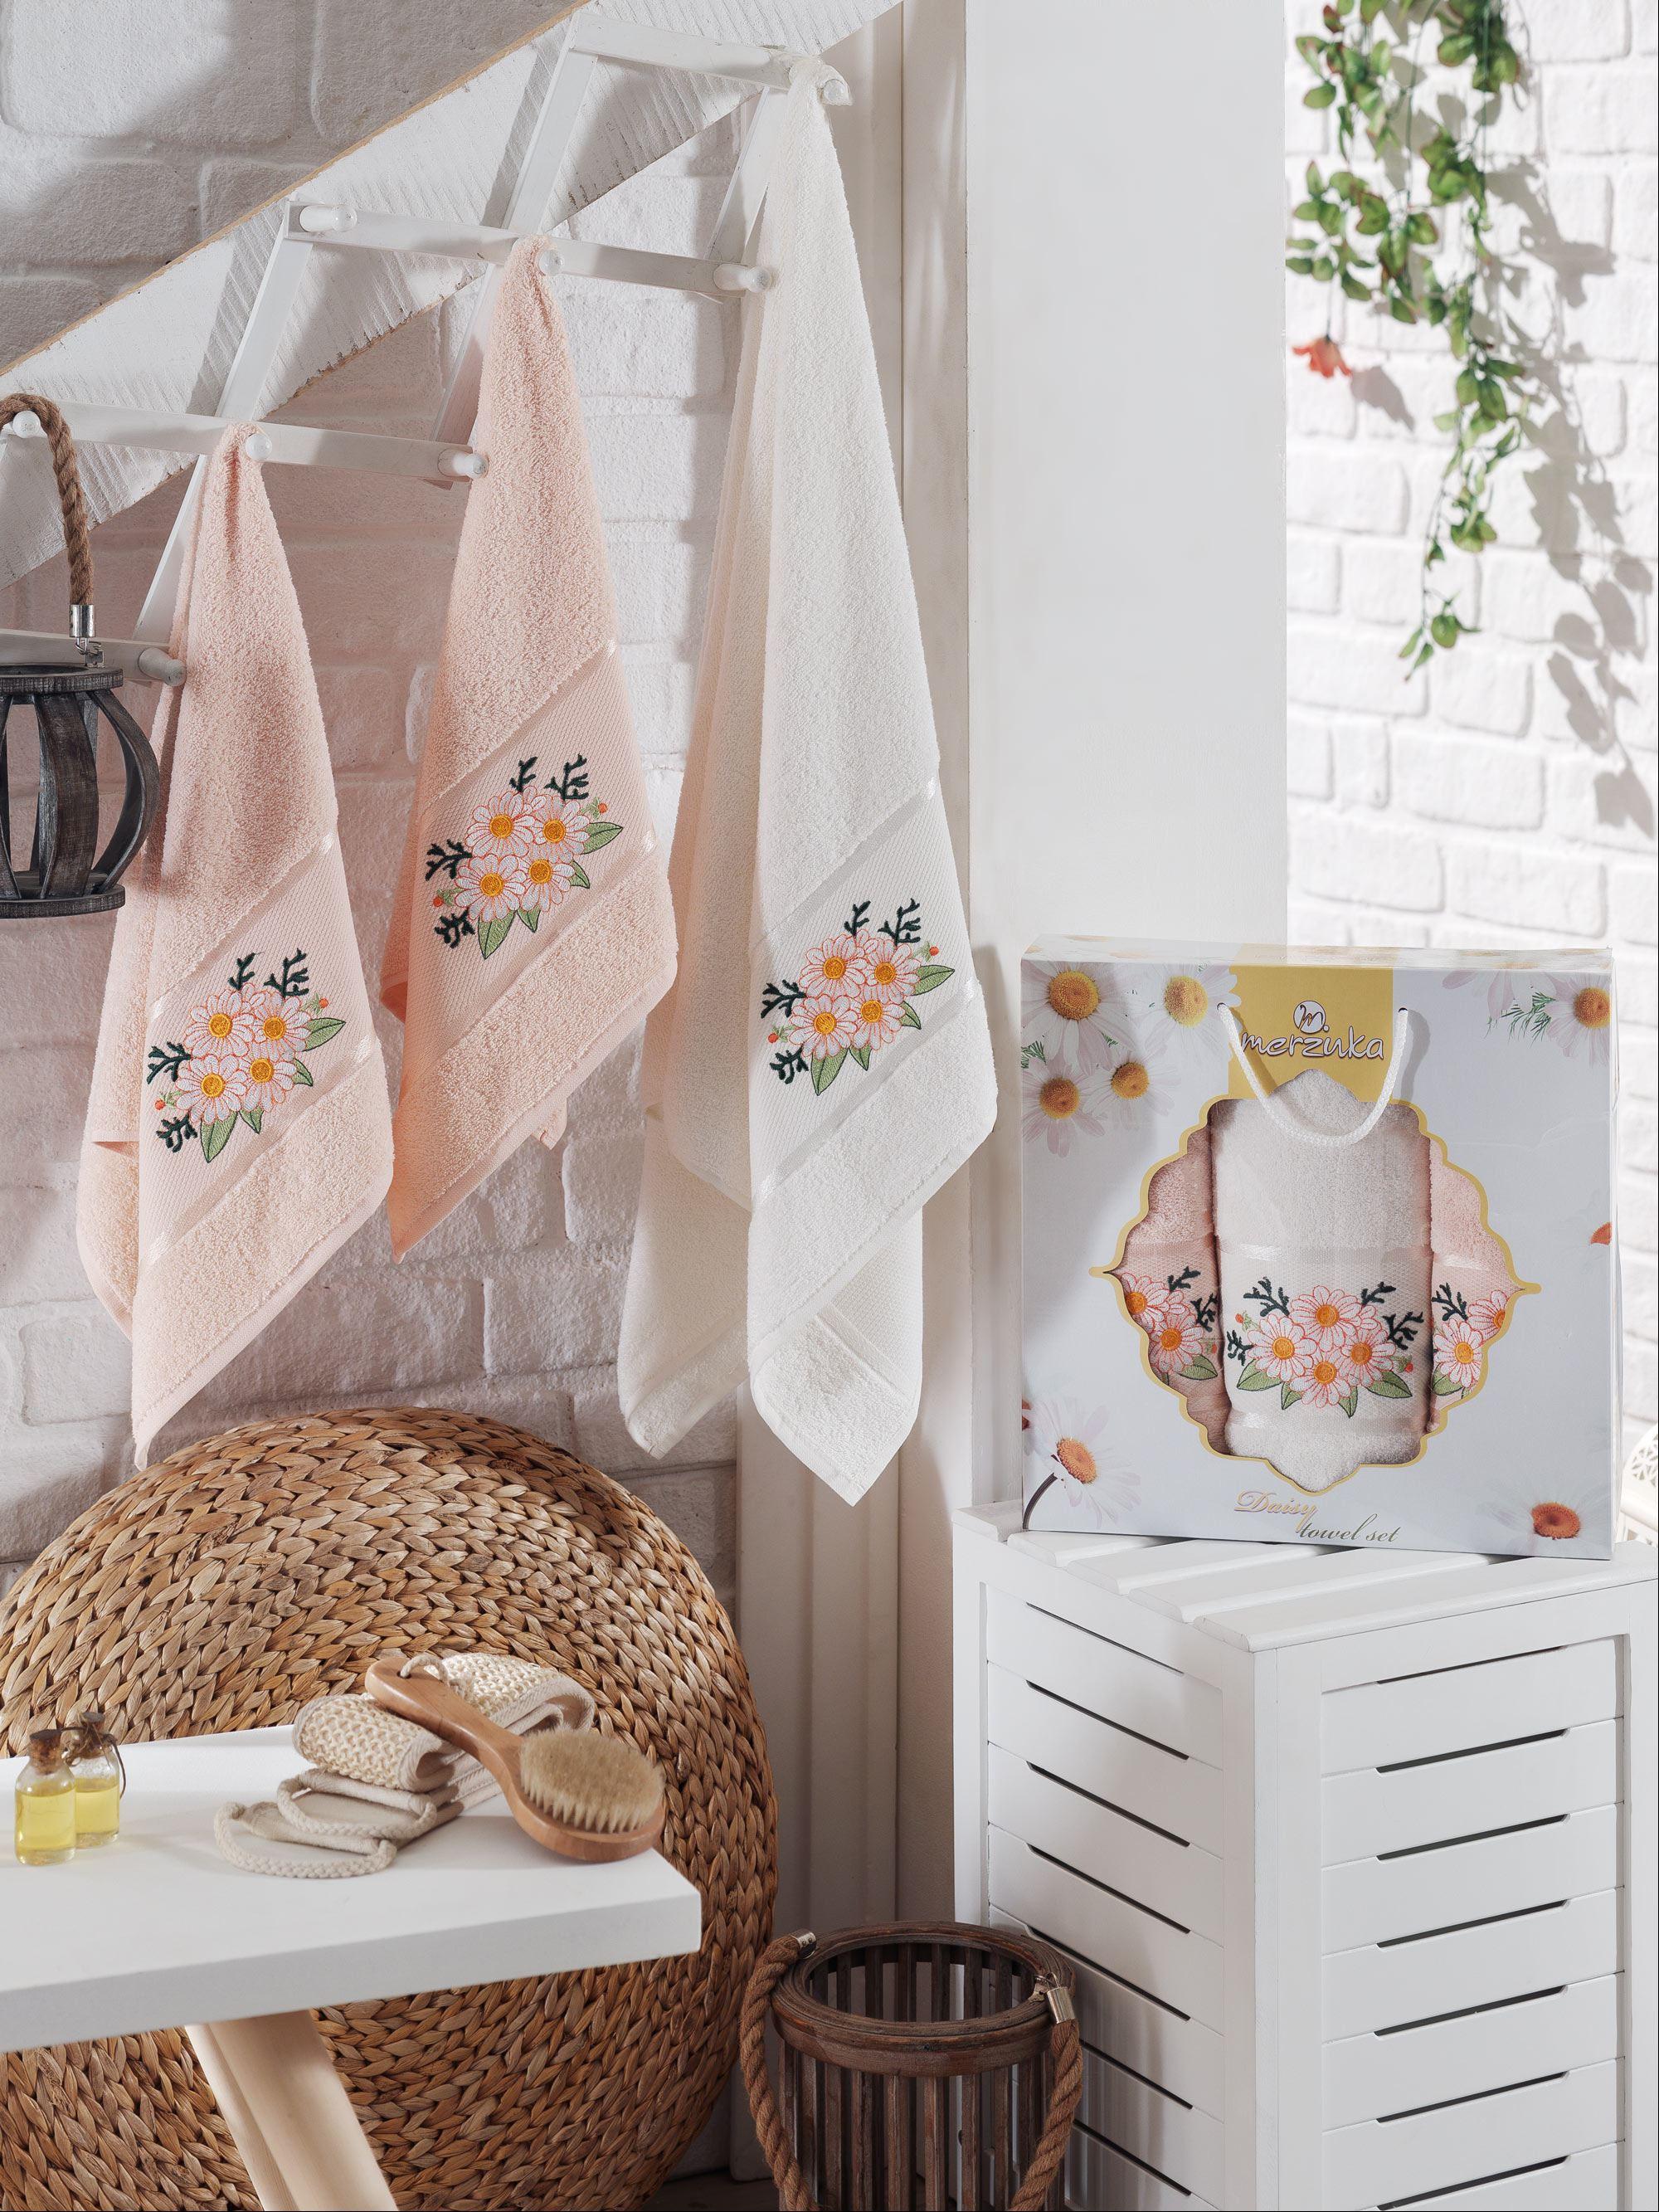 Полотенца Oran Merzuka Полотенце Daisy Цвет: Пудра (50х80 см - 2 шт,70х130 см) полотенца oran merzuka полотенце daisy цвет сиреневый 50х80 см 2 шт 70х130 см